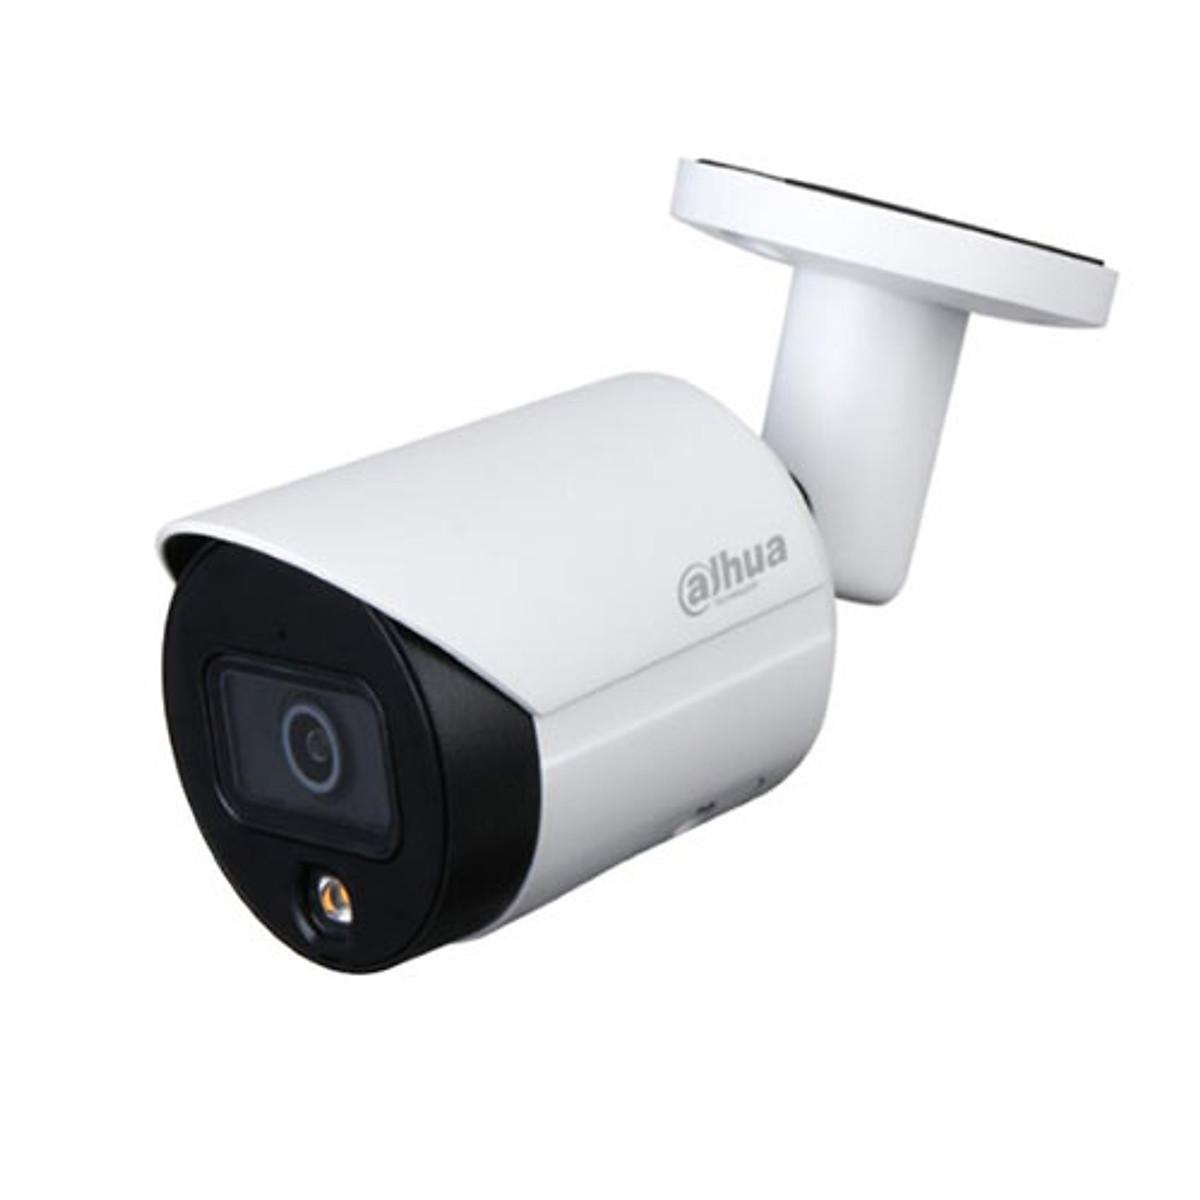 Camera IP Thân 2MP Full-color  DAHUA DH-IPC-HFW2239SP-SA-LED-S2 – Hàng Chính Hãng